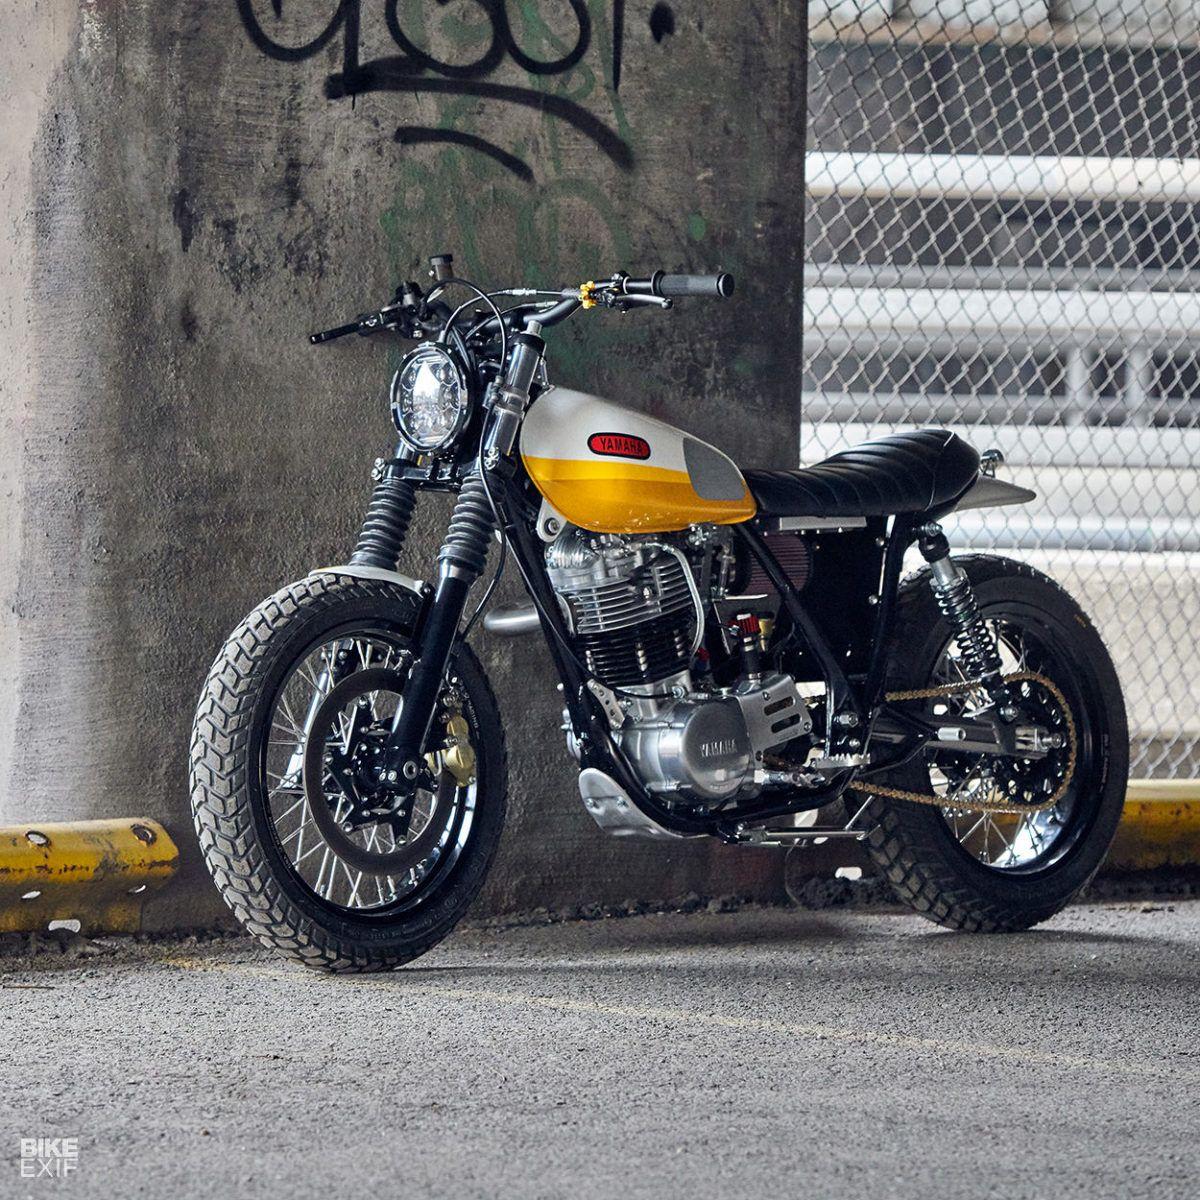 Yamaha XS650 Scrambler 1979 vintage motorcycle